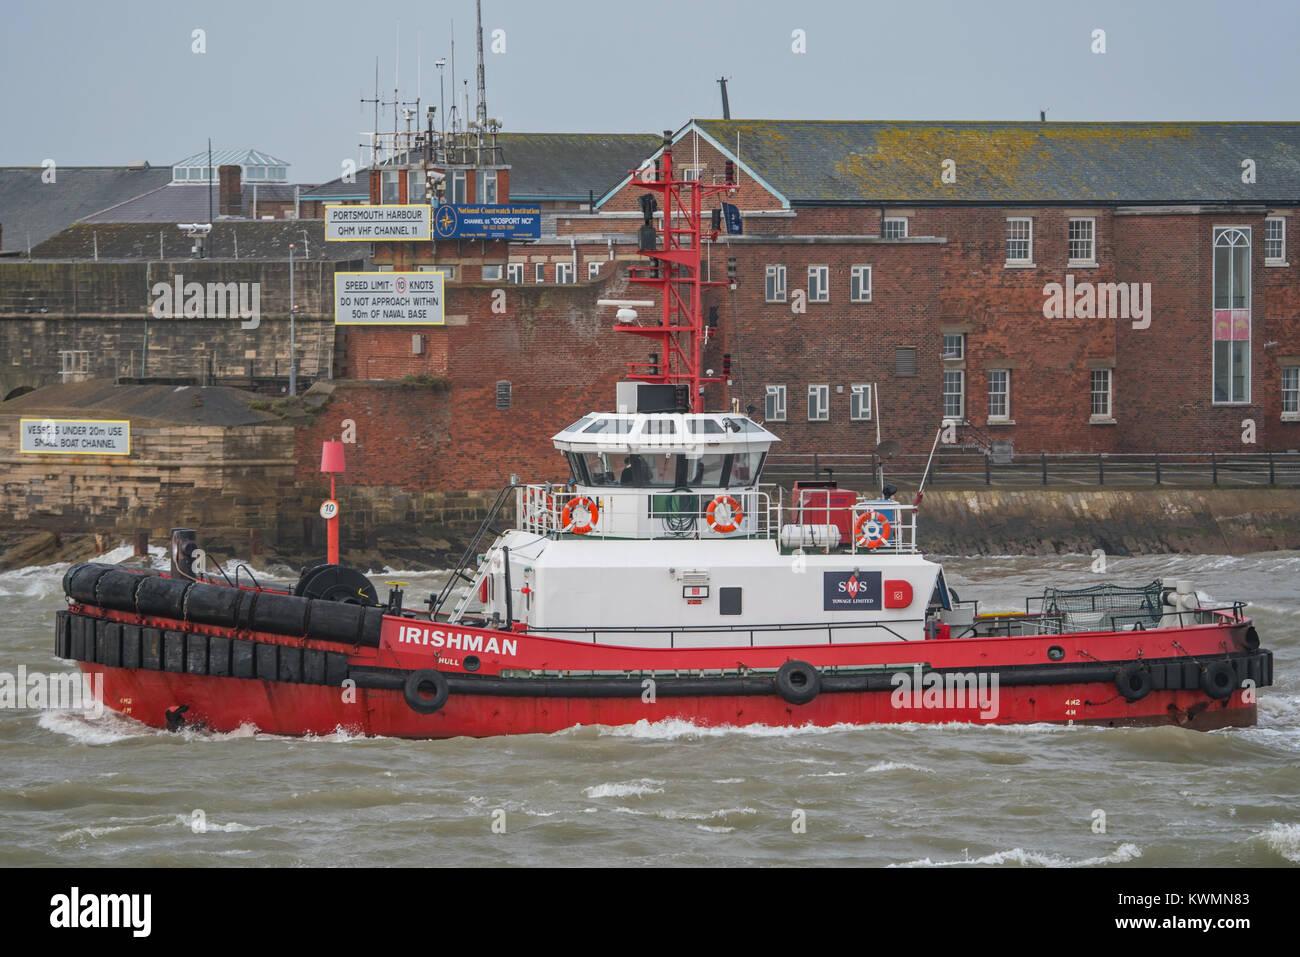 Portsmouth Business Imágenes De Stock & Portsmouth Business Fotos De ...